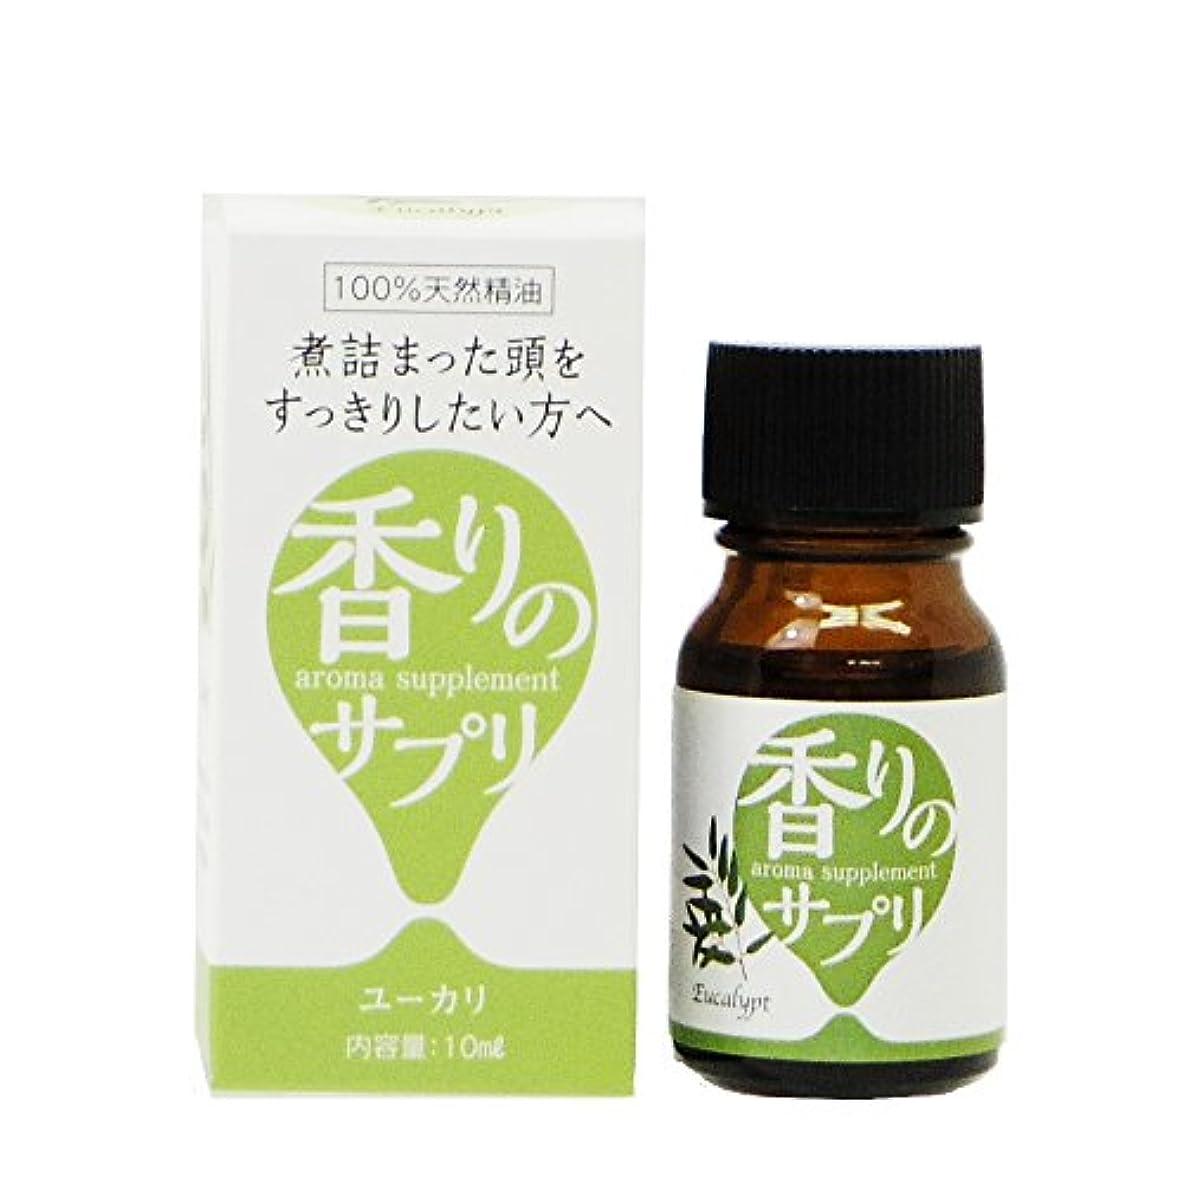 のれん袋影のある香りのサプリ ユーカリ エッセンシャルオイル10ml 384294